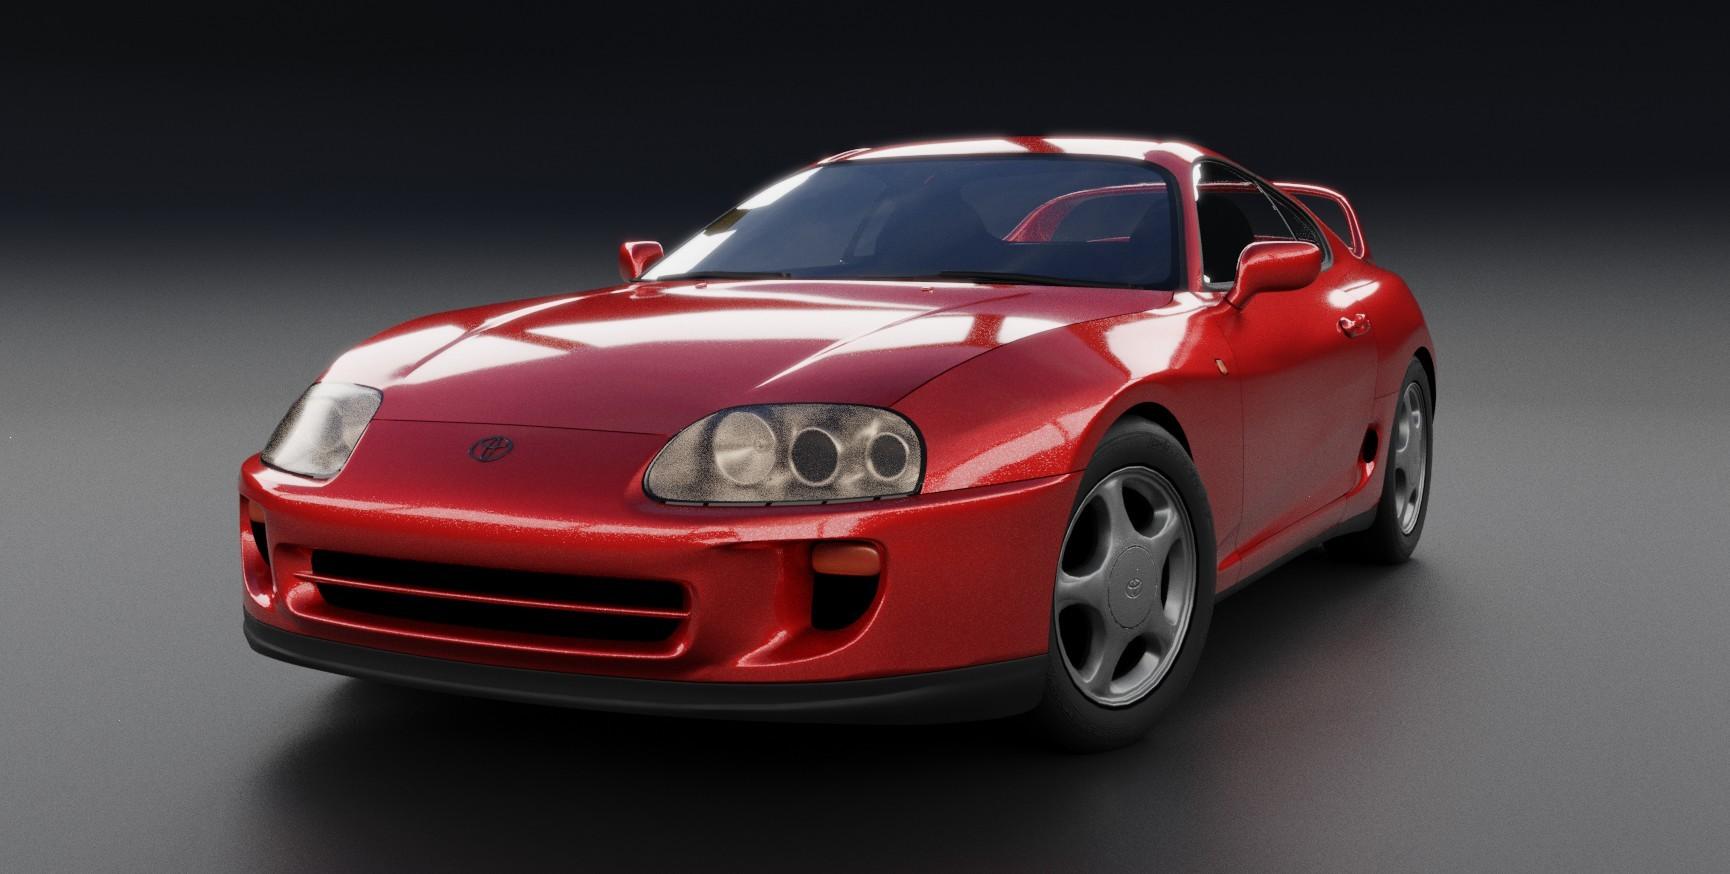 Kelebihan Toyota Supra Mk4 Spesifikasi